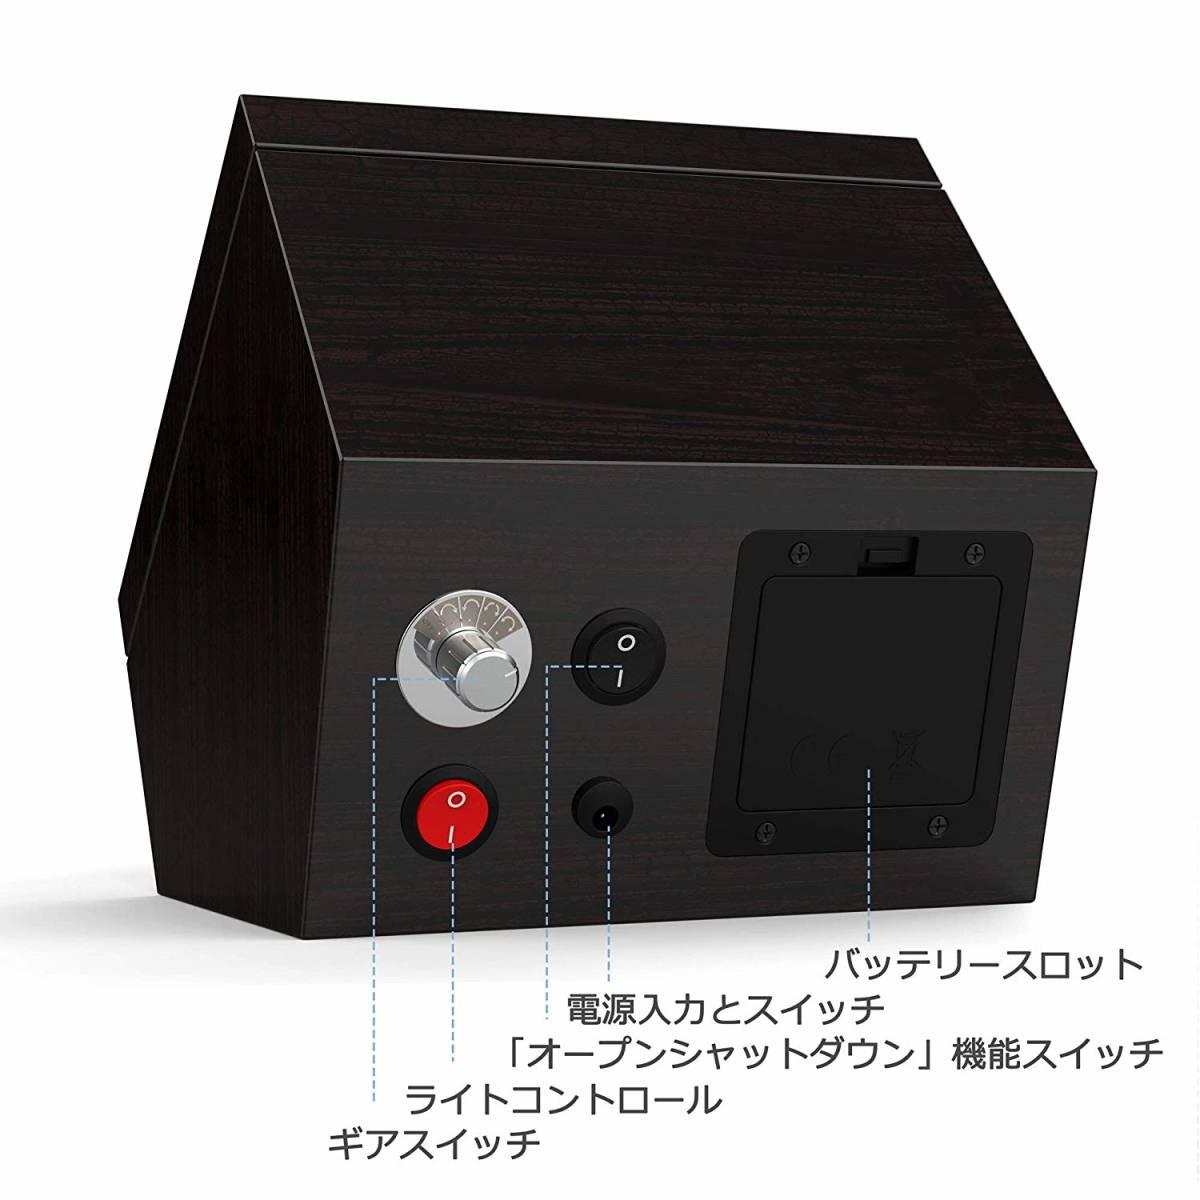 【新品・未使用】ワインディングマシーン 腕時計 自動巻き器 ウォッチワインダー2本巻き上げ LEDライト付 日本語説明書_画像3